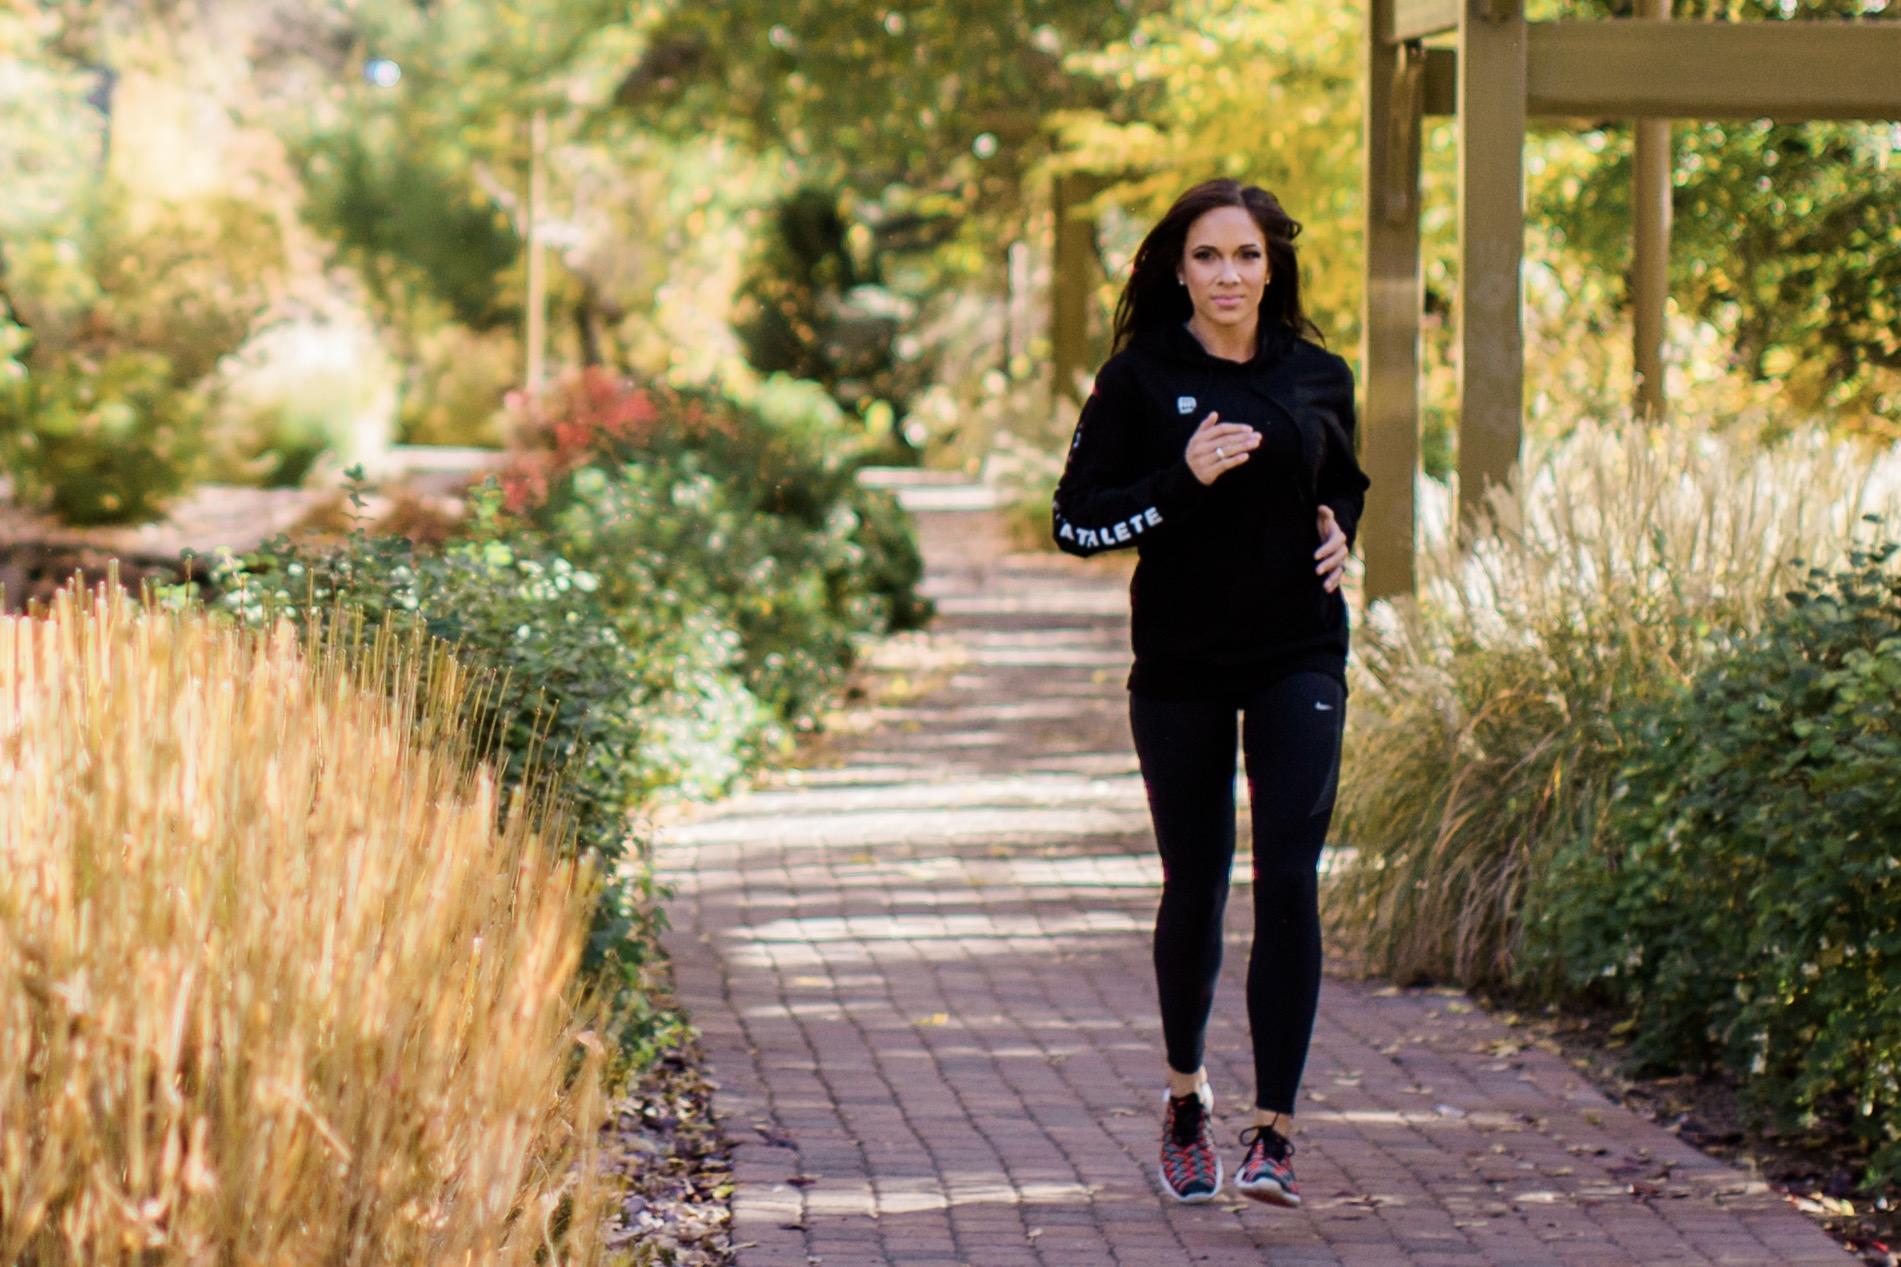 Tamara running